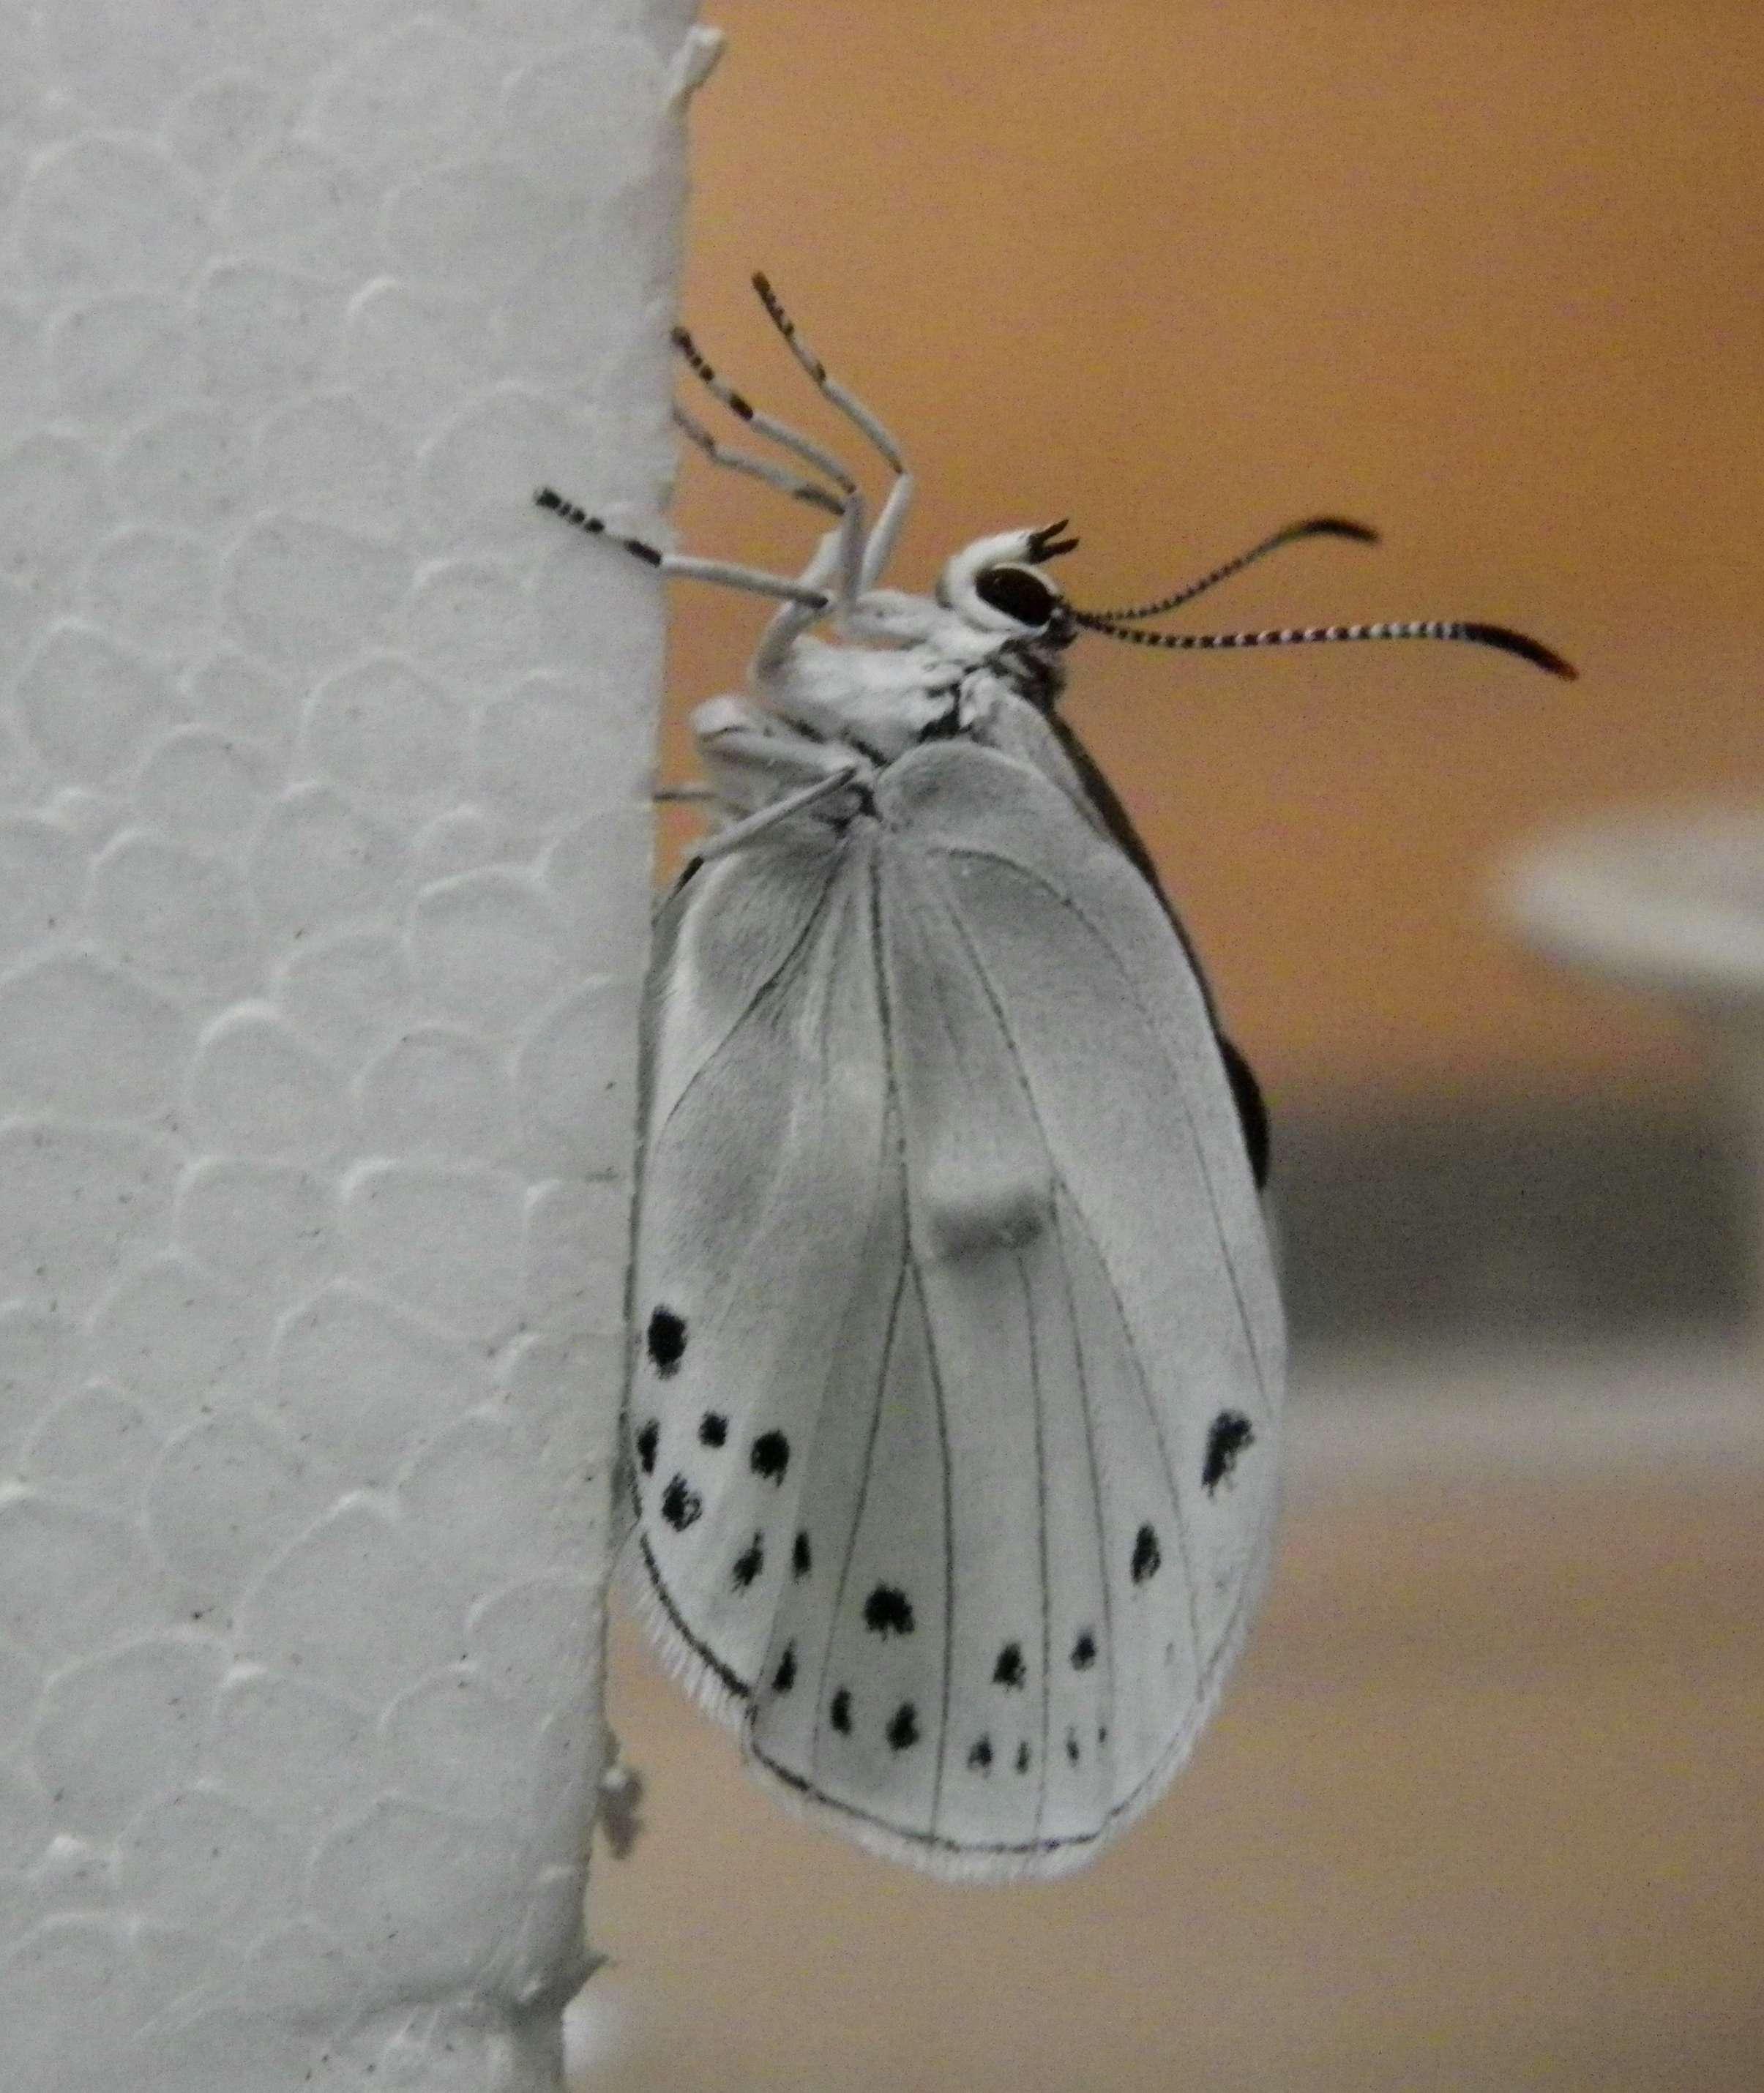 ウラゴマダラシジミの放蝶 5月13日_d0254540_16592551.jpg